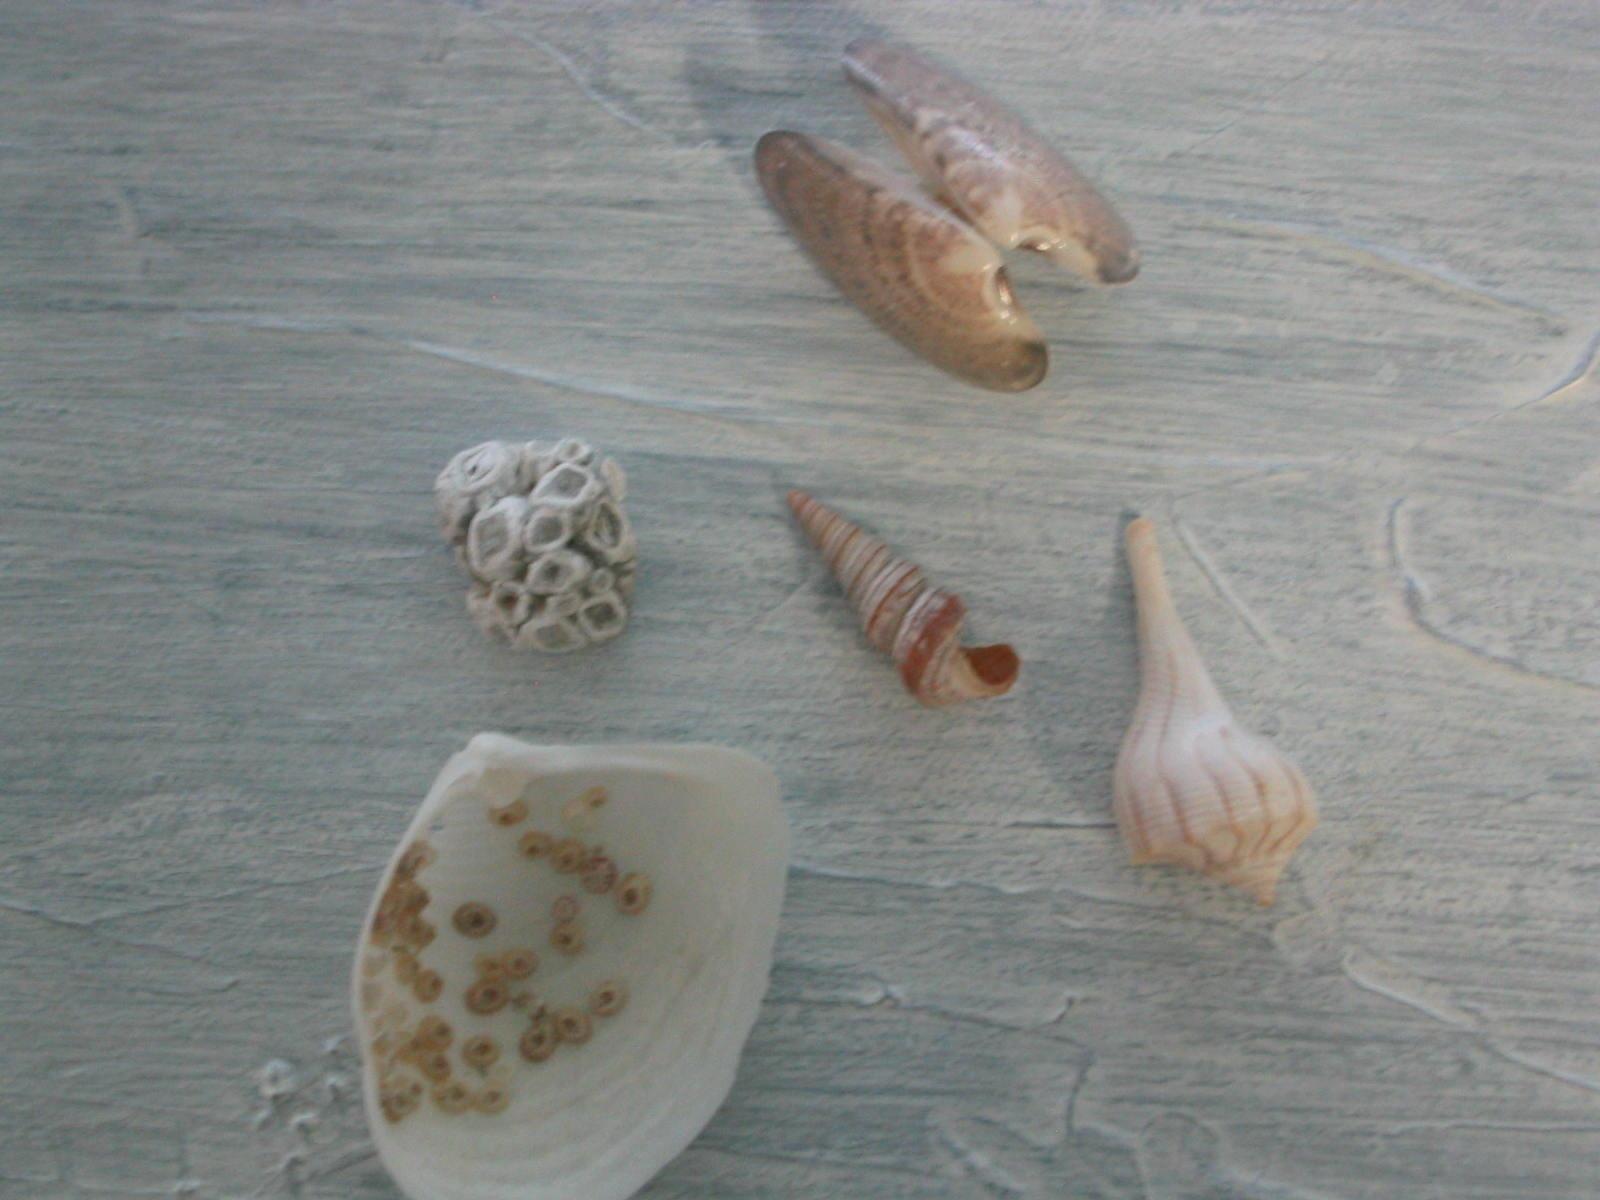 Shells on Anna Maria Island beaches